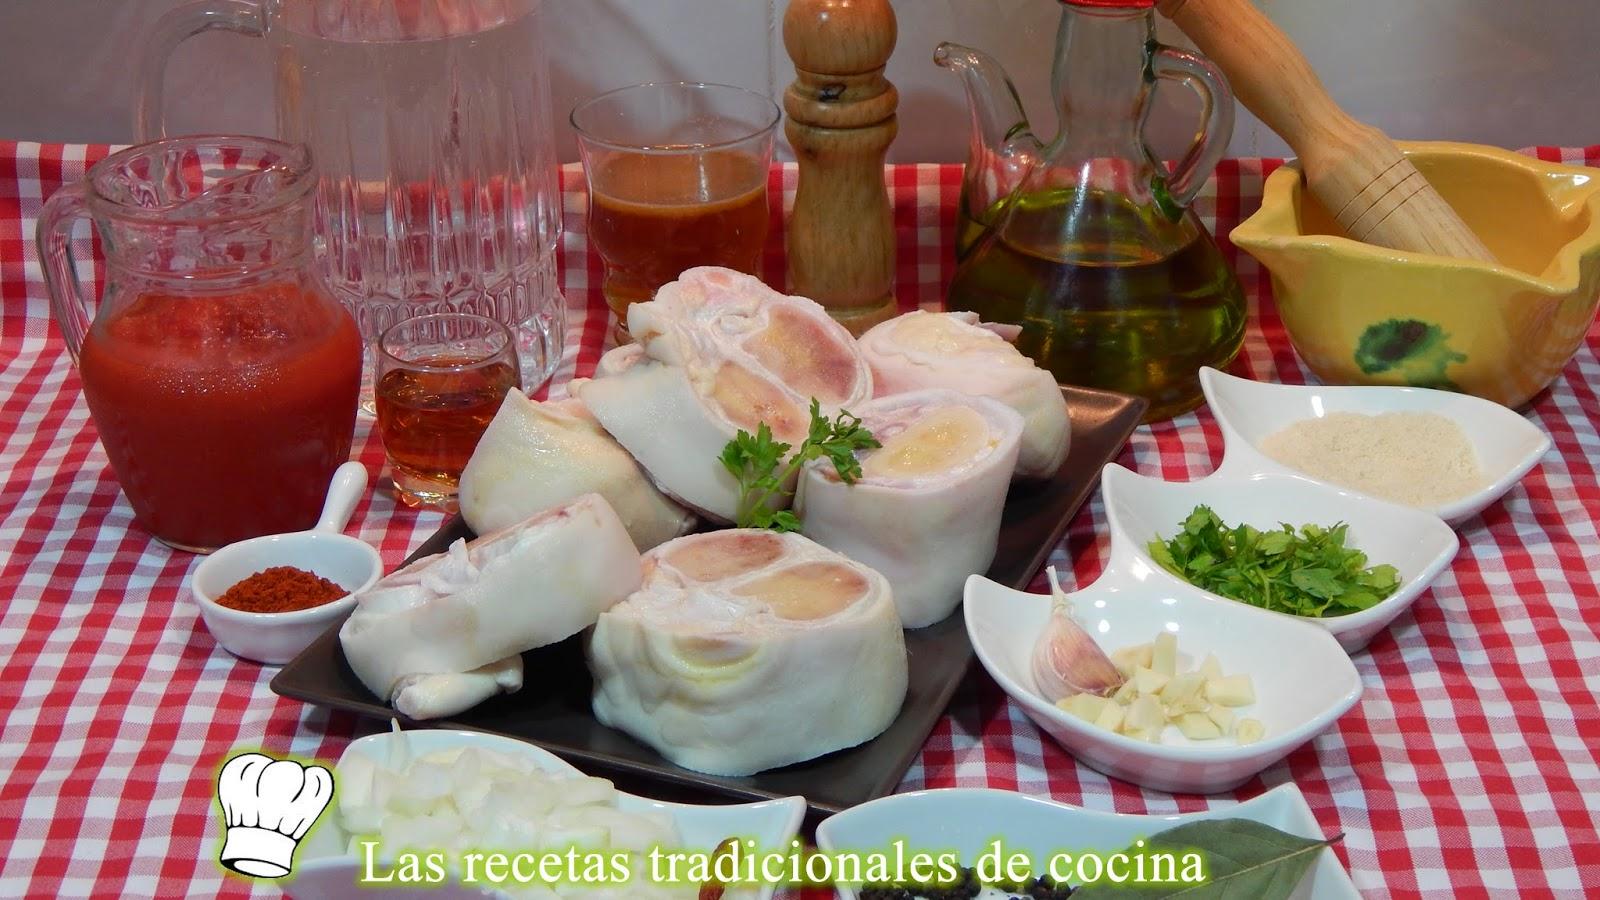 Manitas de ternera en salsa